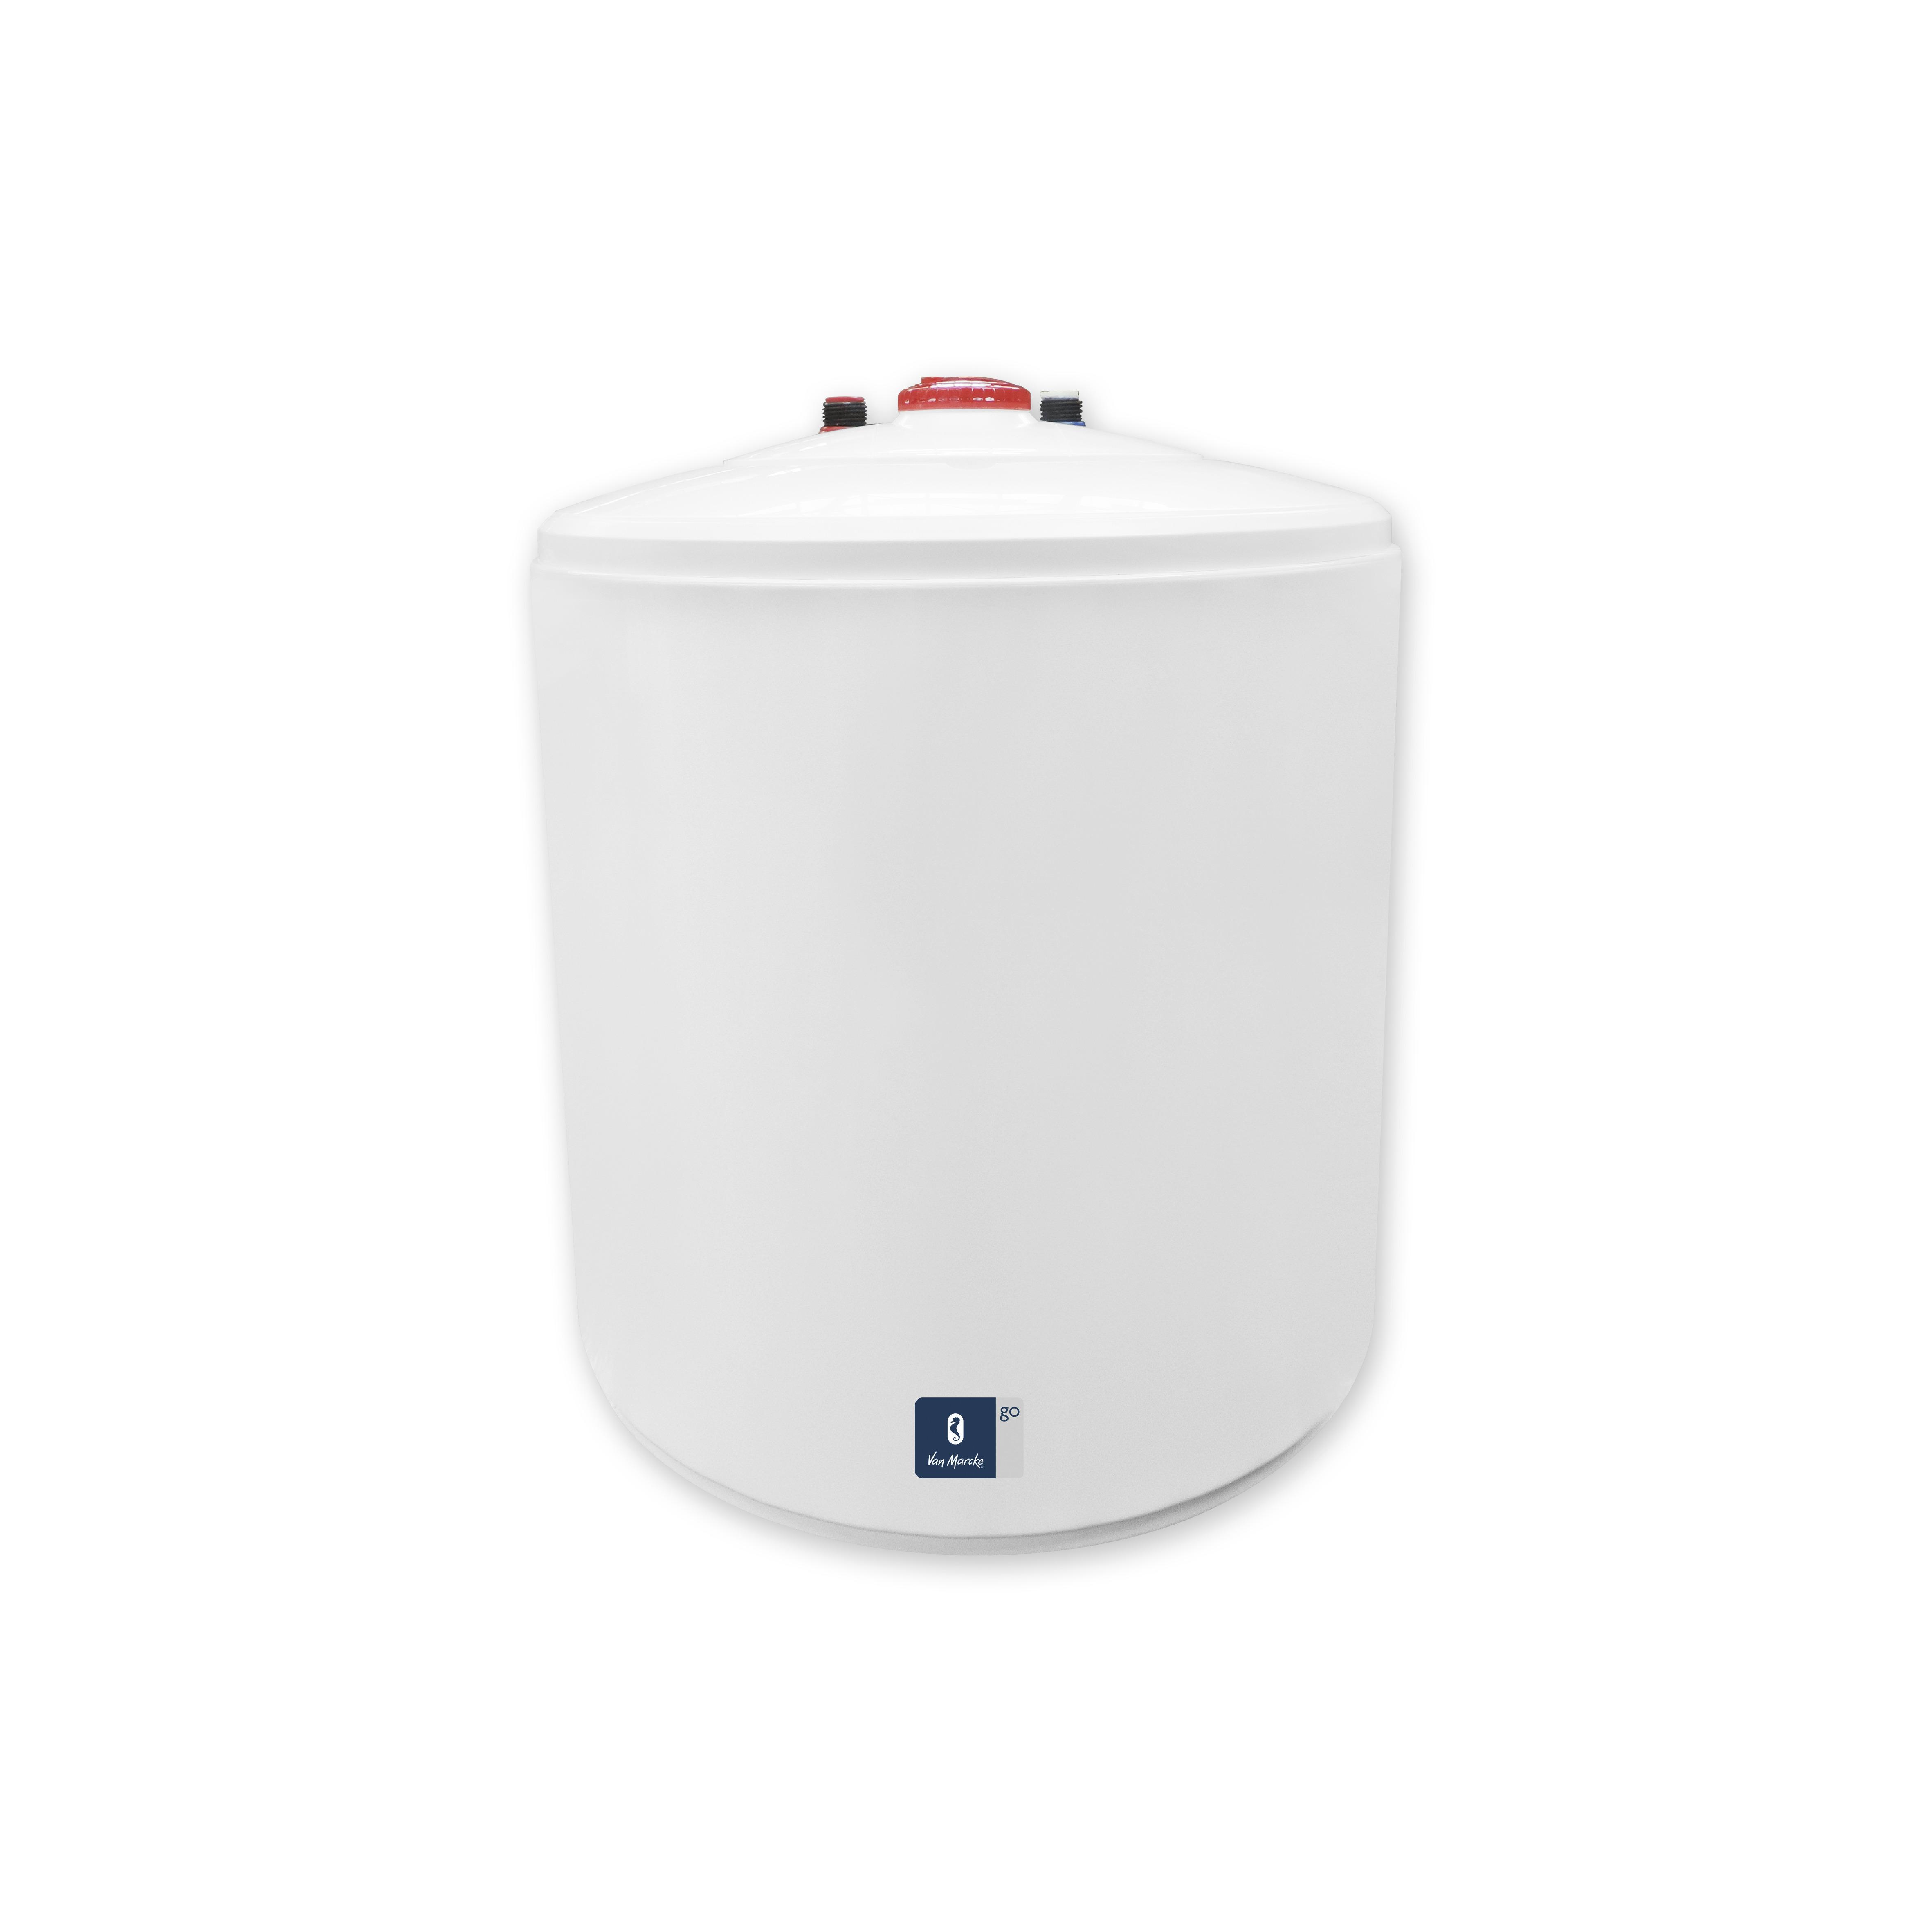 chauffe eau cuisine sous vier van marcke 15 l 2 0 kw chauffe eau accessoires chauffage. Black Bedroom Furniture Sets. Home Design Ideas